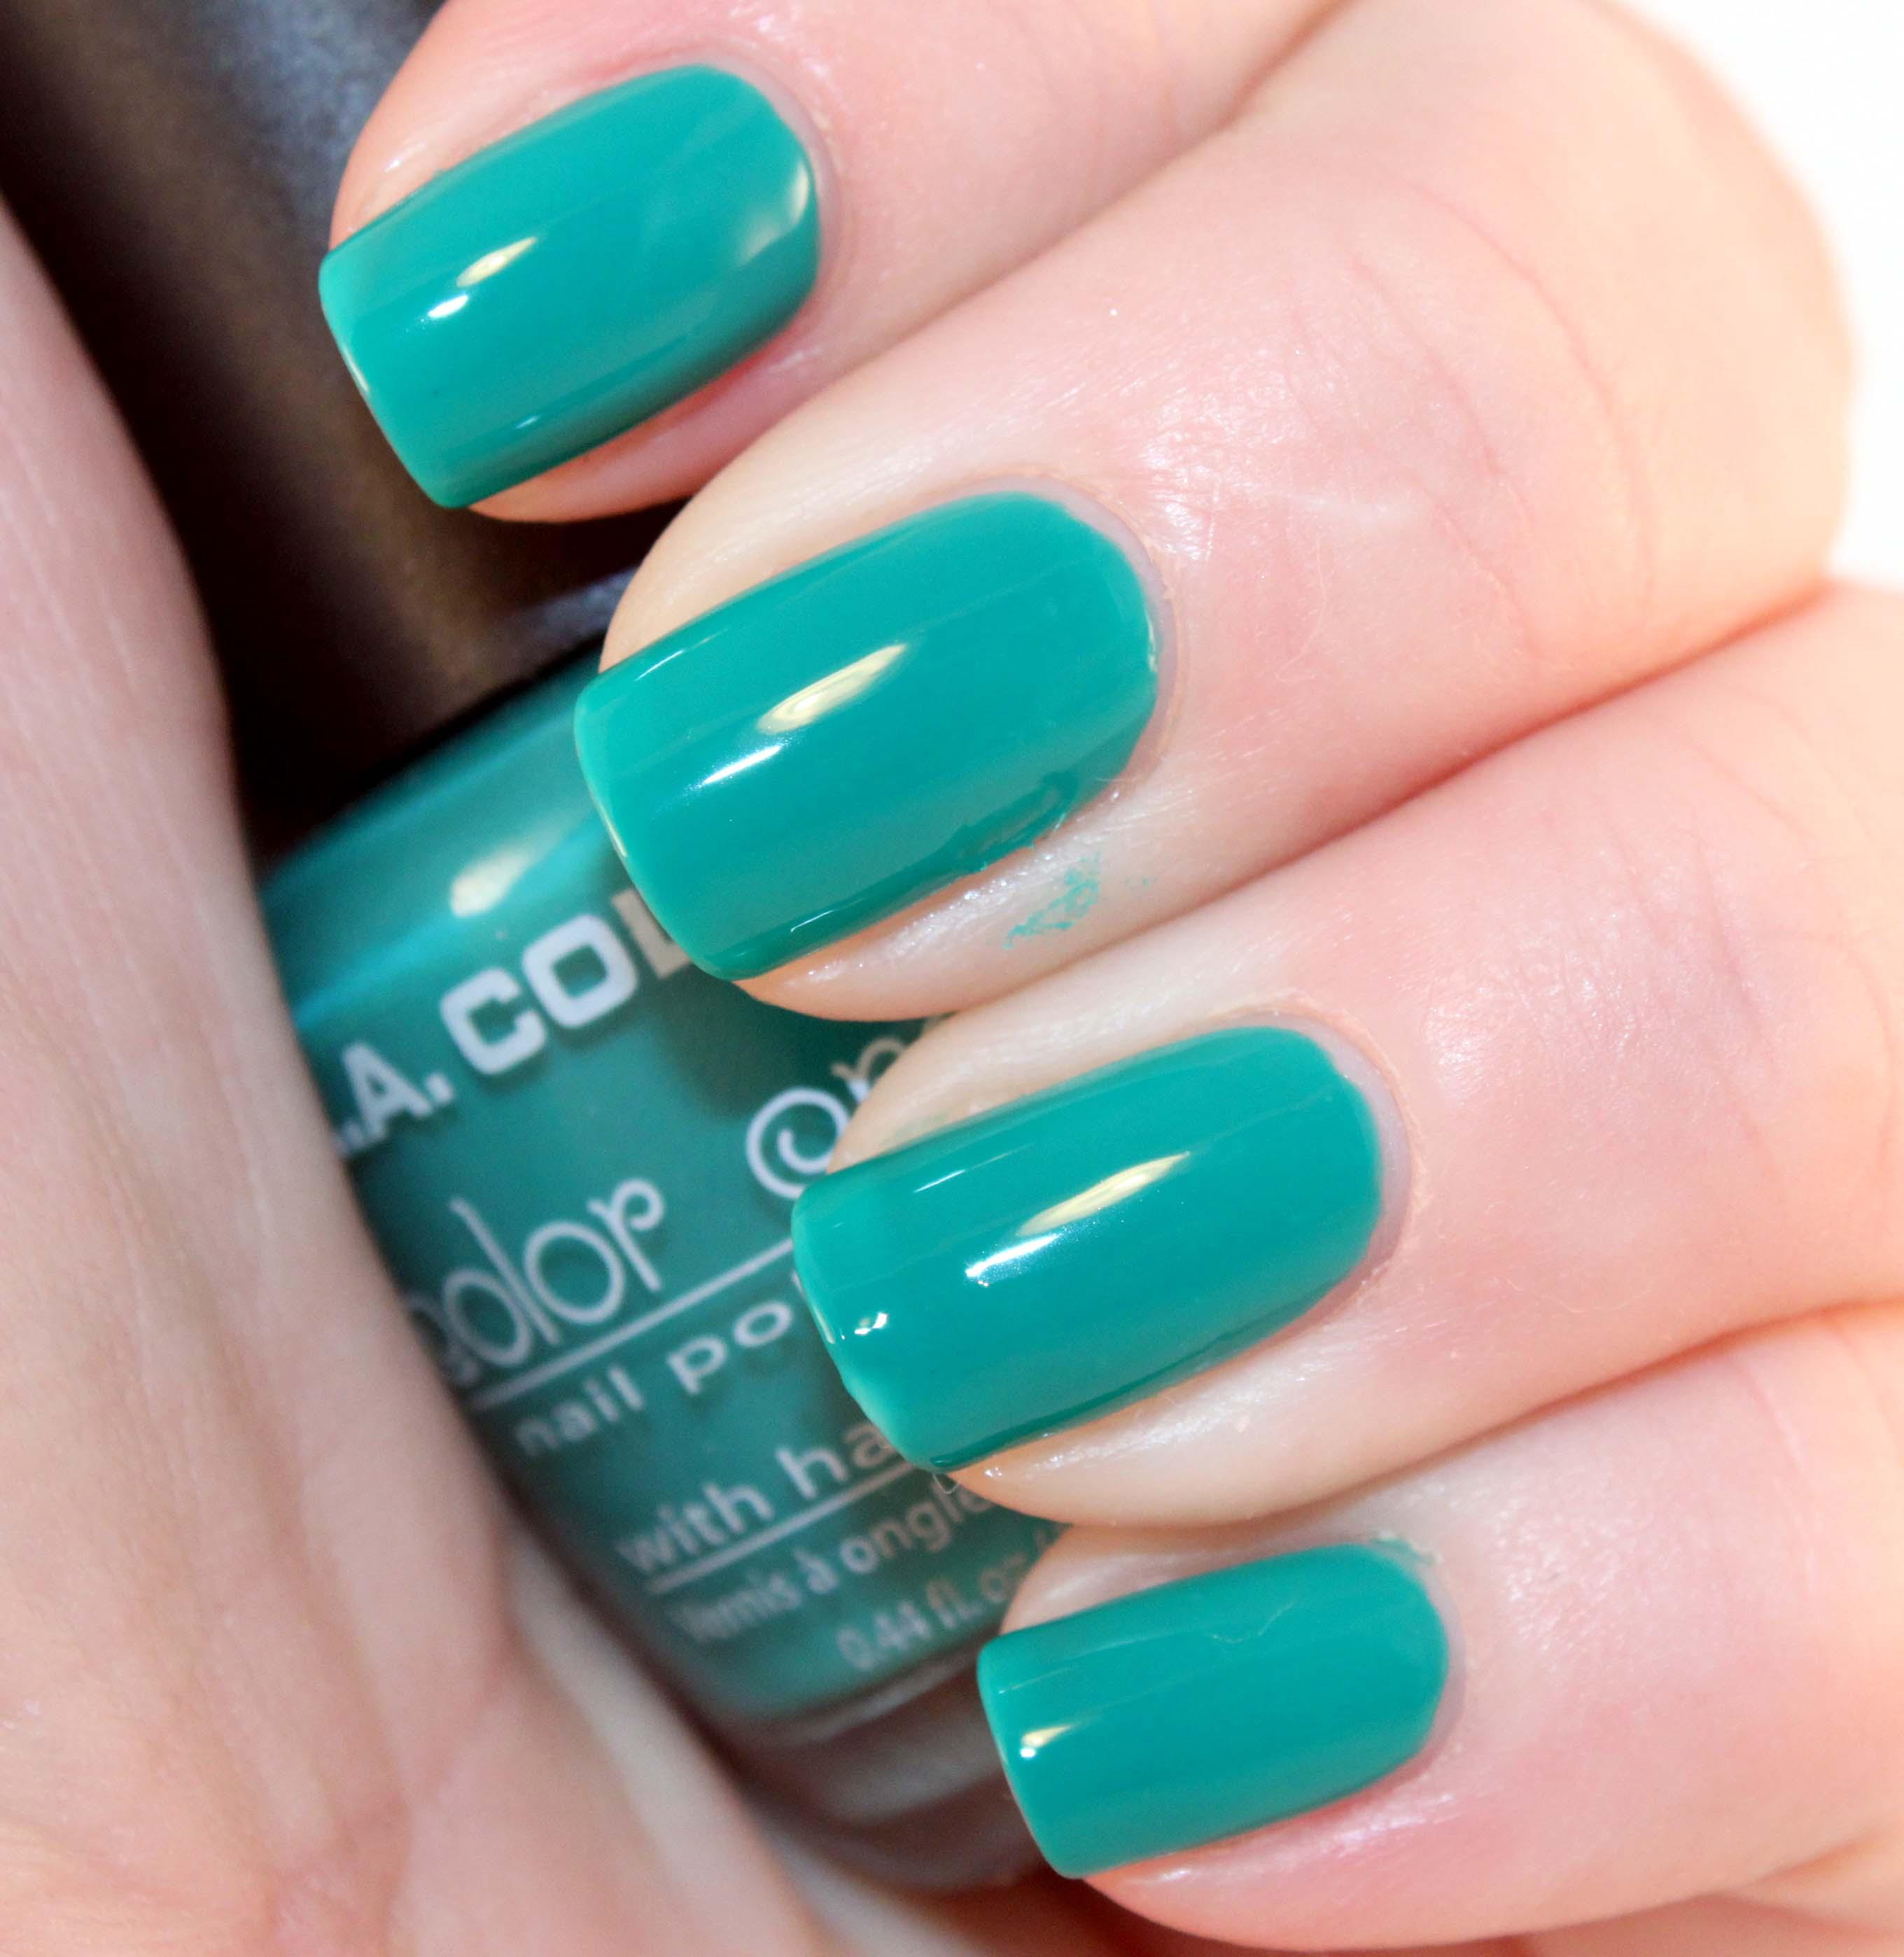 La Looks Nail Polish: It's Nail Polish, At The Moment